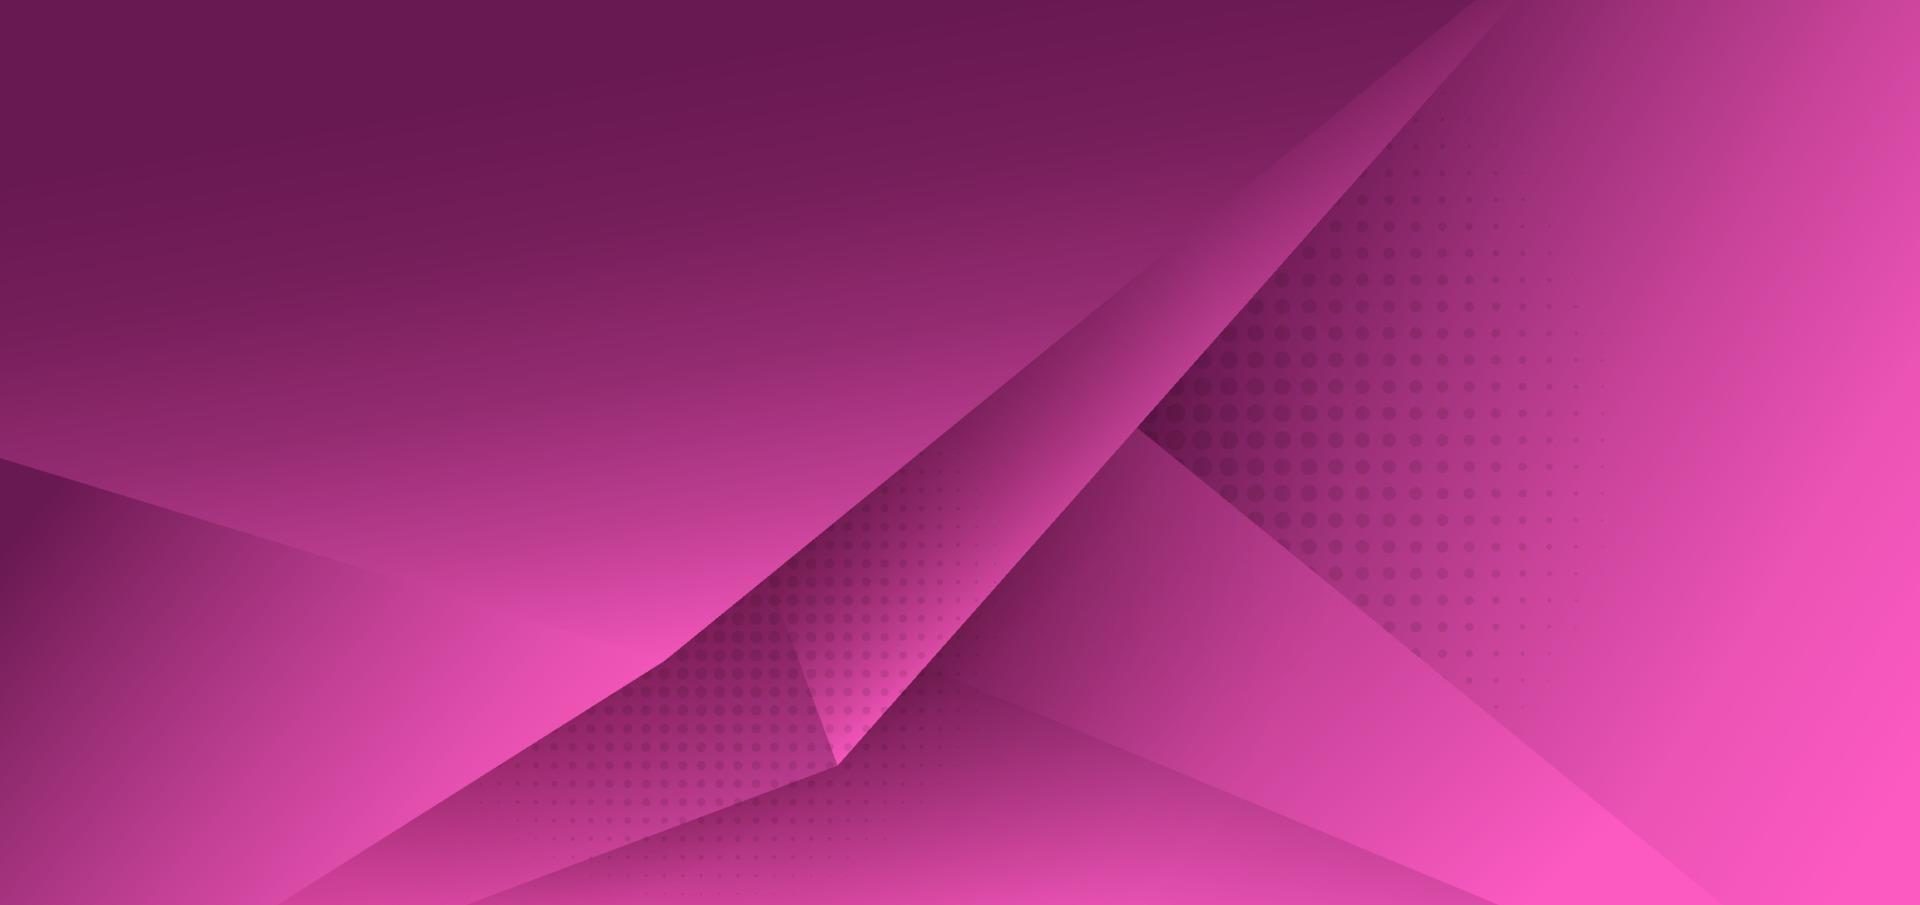 abstracte roze veelhoek driehoek verloop achtergrond met schaduw en ruimte voor uw tekst. vector